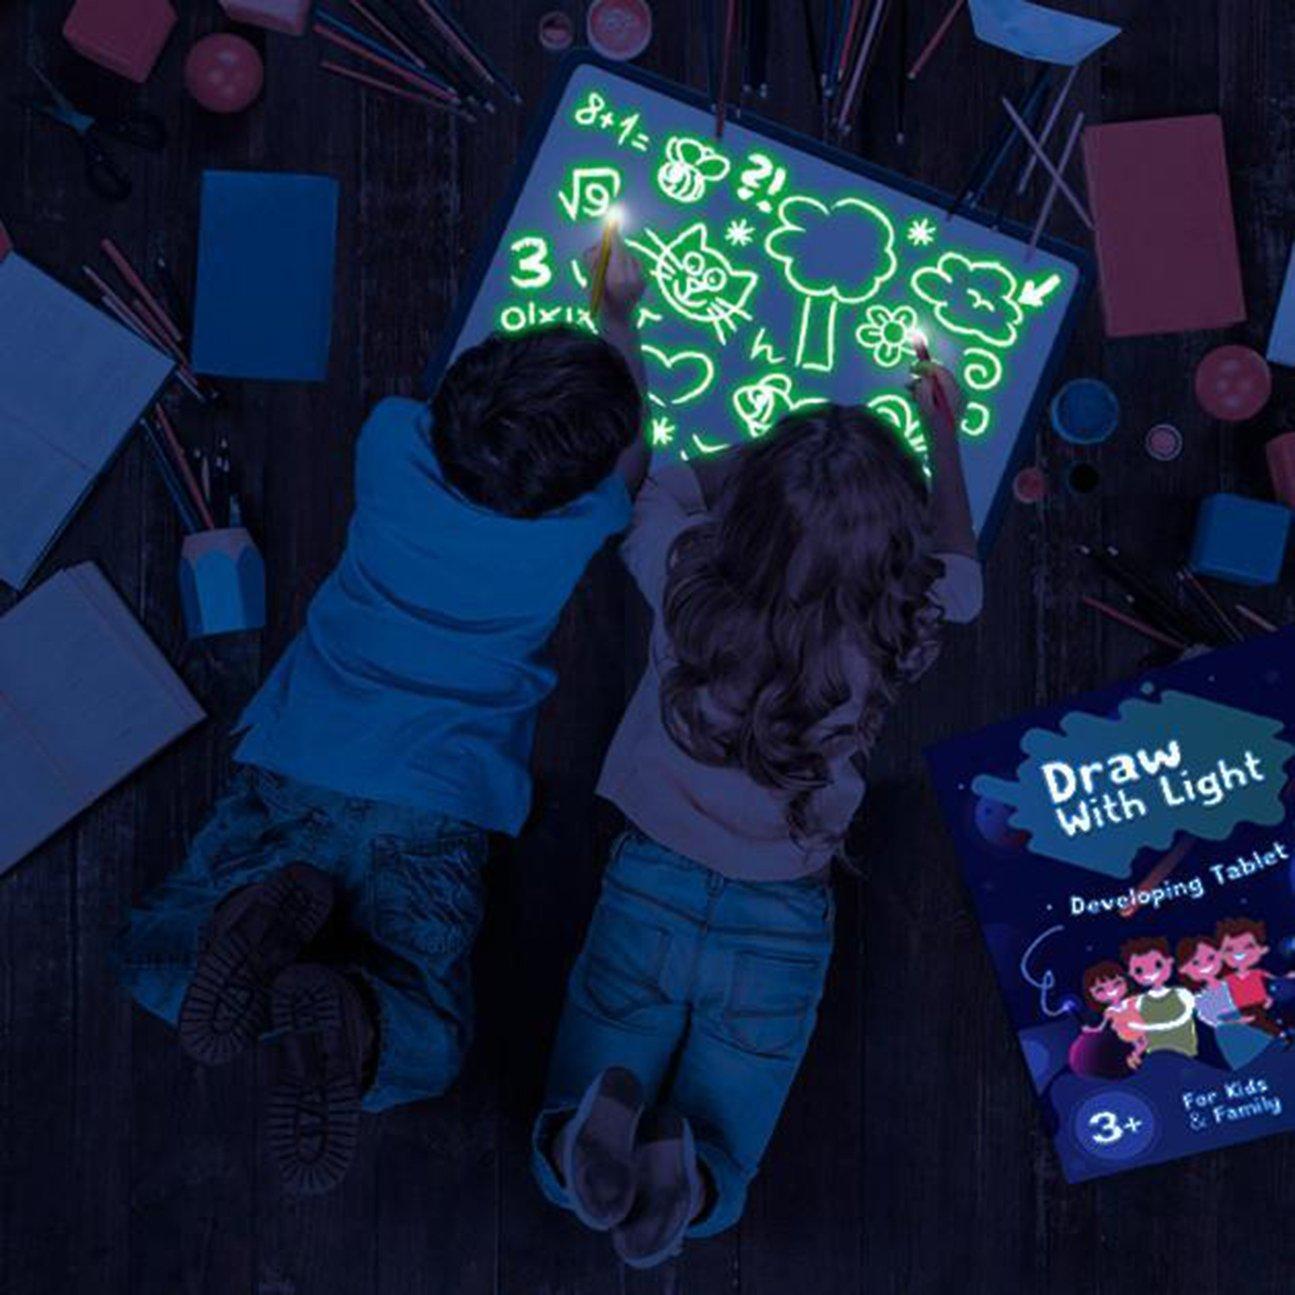 משטח ציור לילד זוהר בלילה, מומלץ להתפתחות הילד